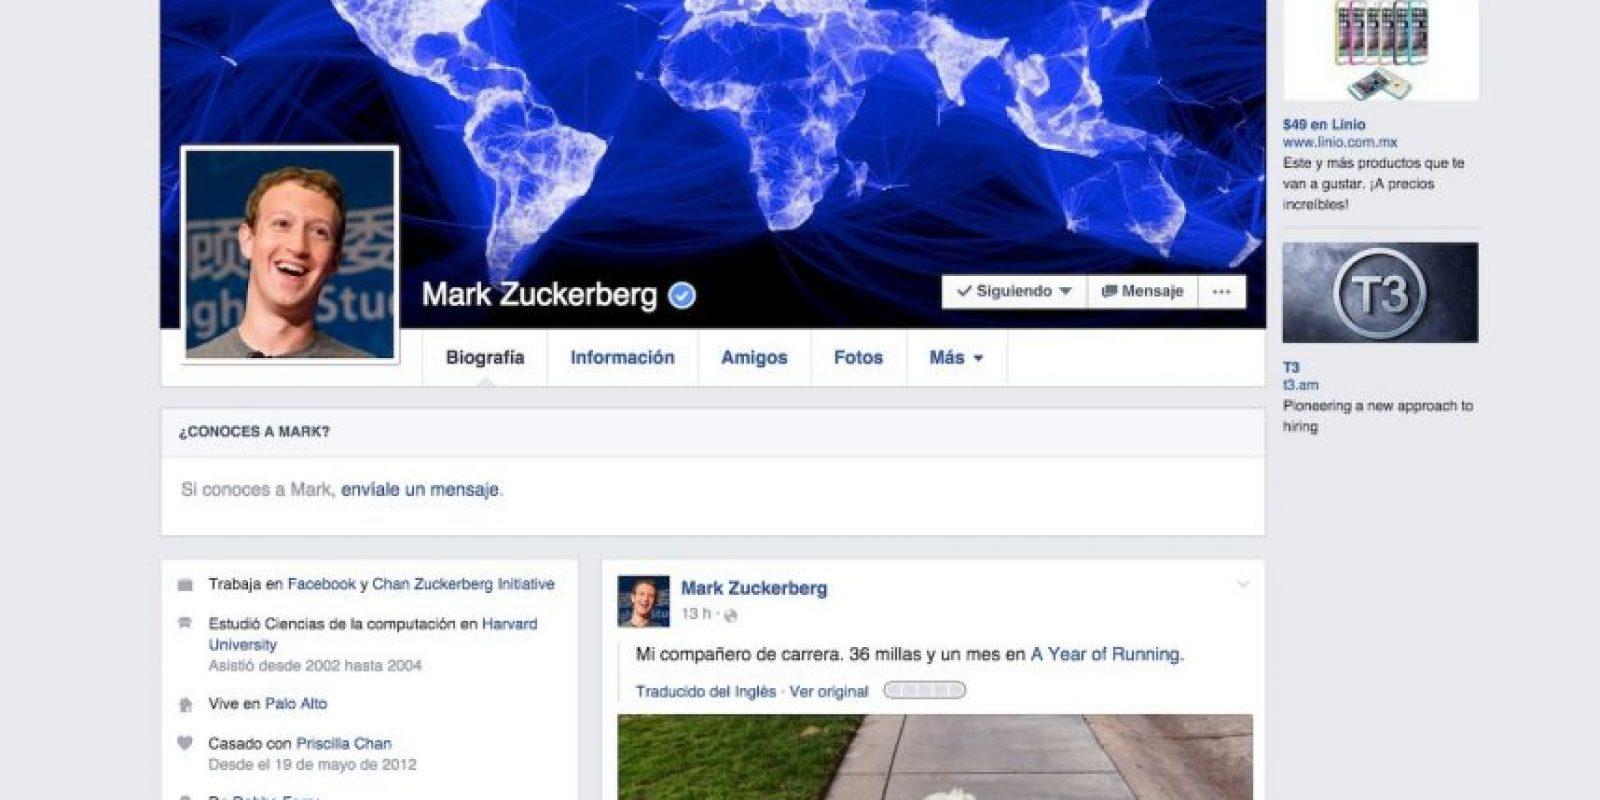 2016. Facebook les mostrará solamente las noticias que les importan. Foto:Vía Facebook